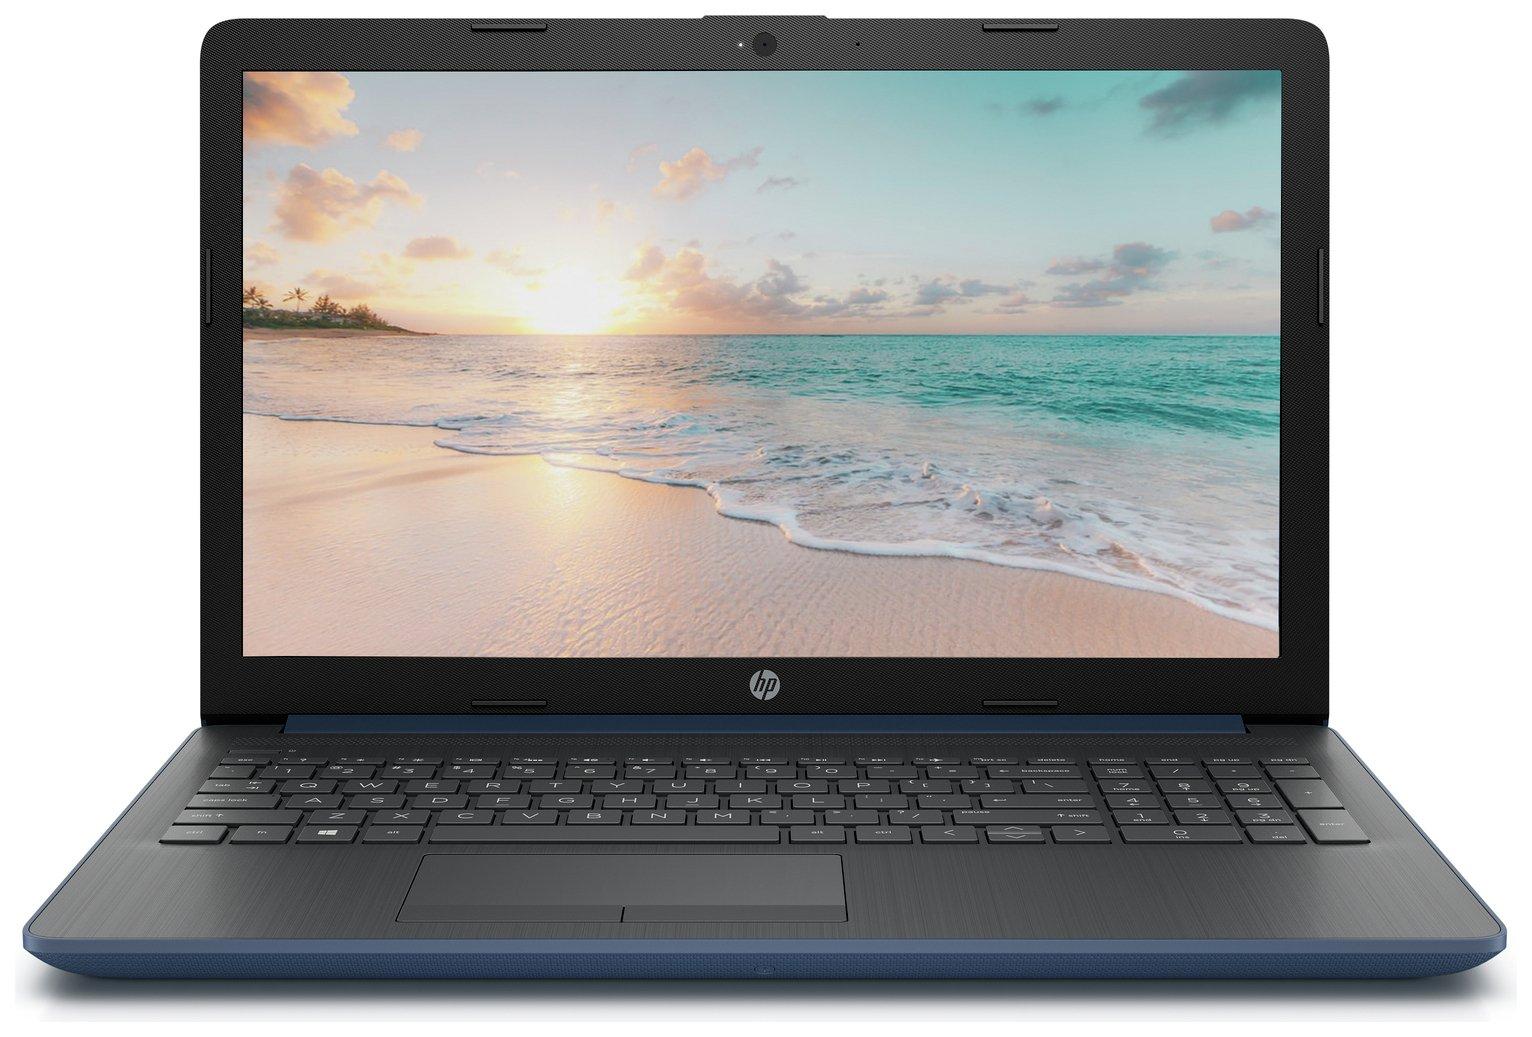 HP 15.6in Ryzen 3 4GB 1TB FHD Laptop - Blue